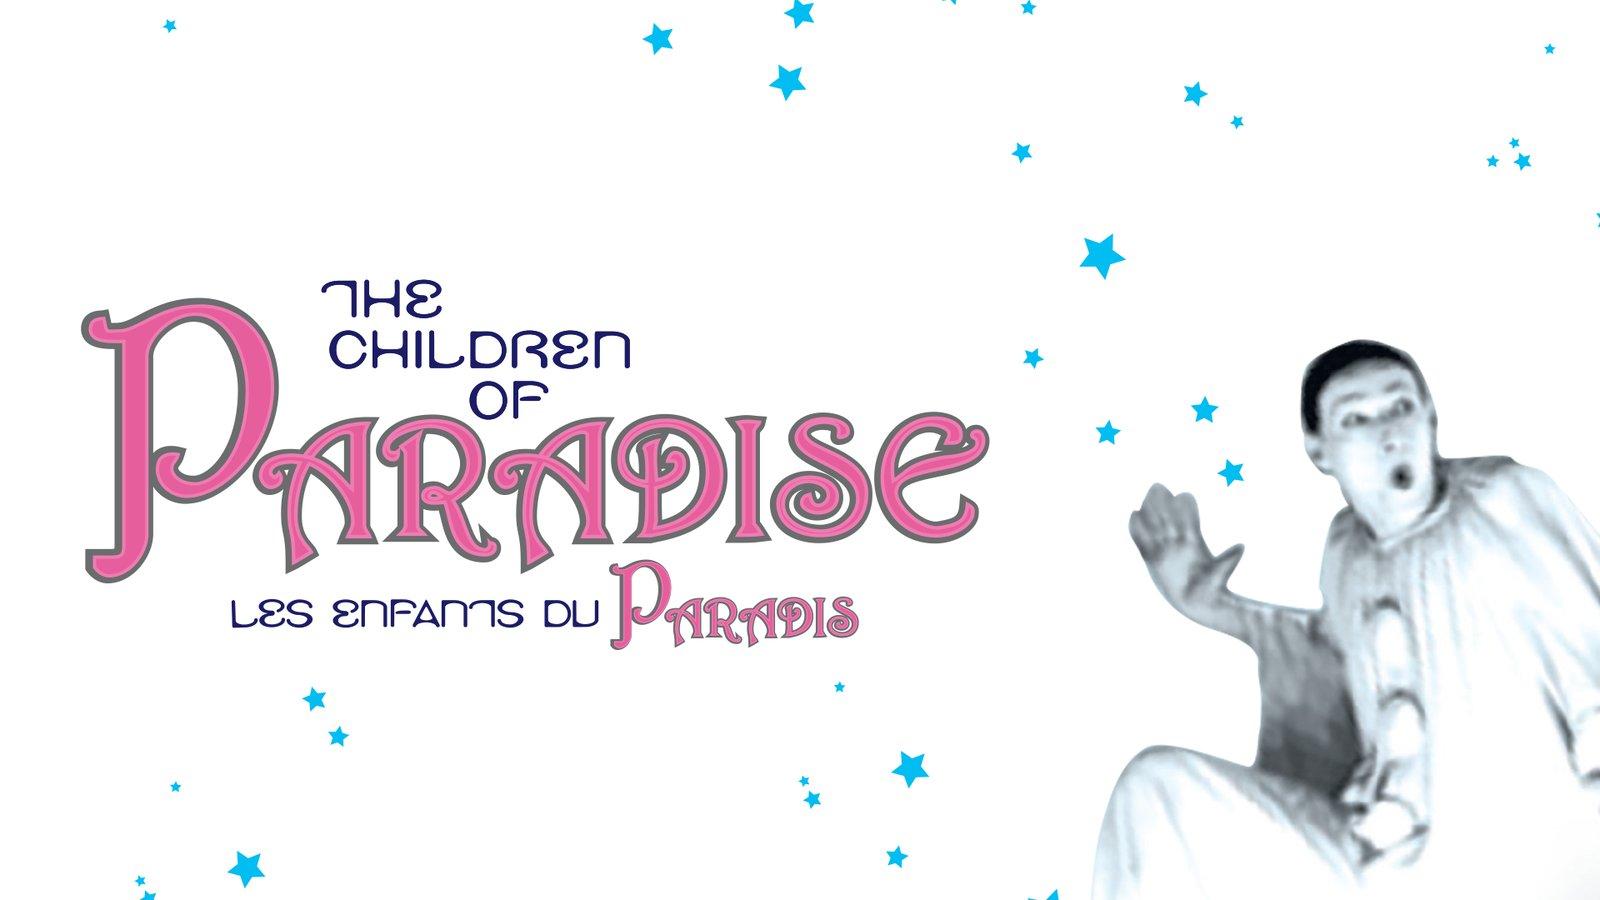 Les Enfants Du Paradis (The Children of Paradise)